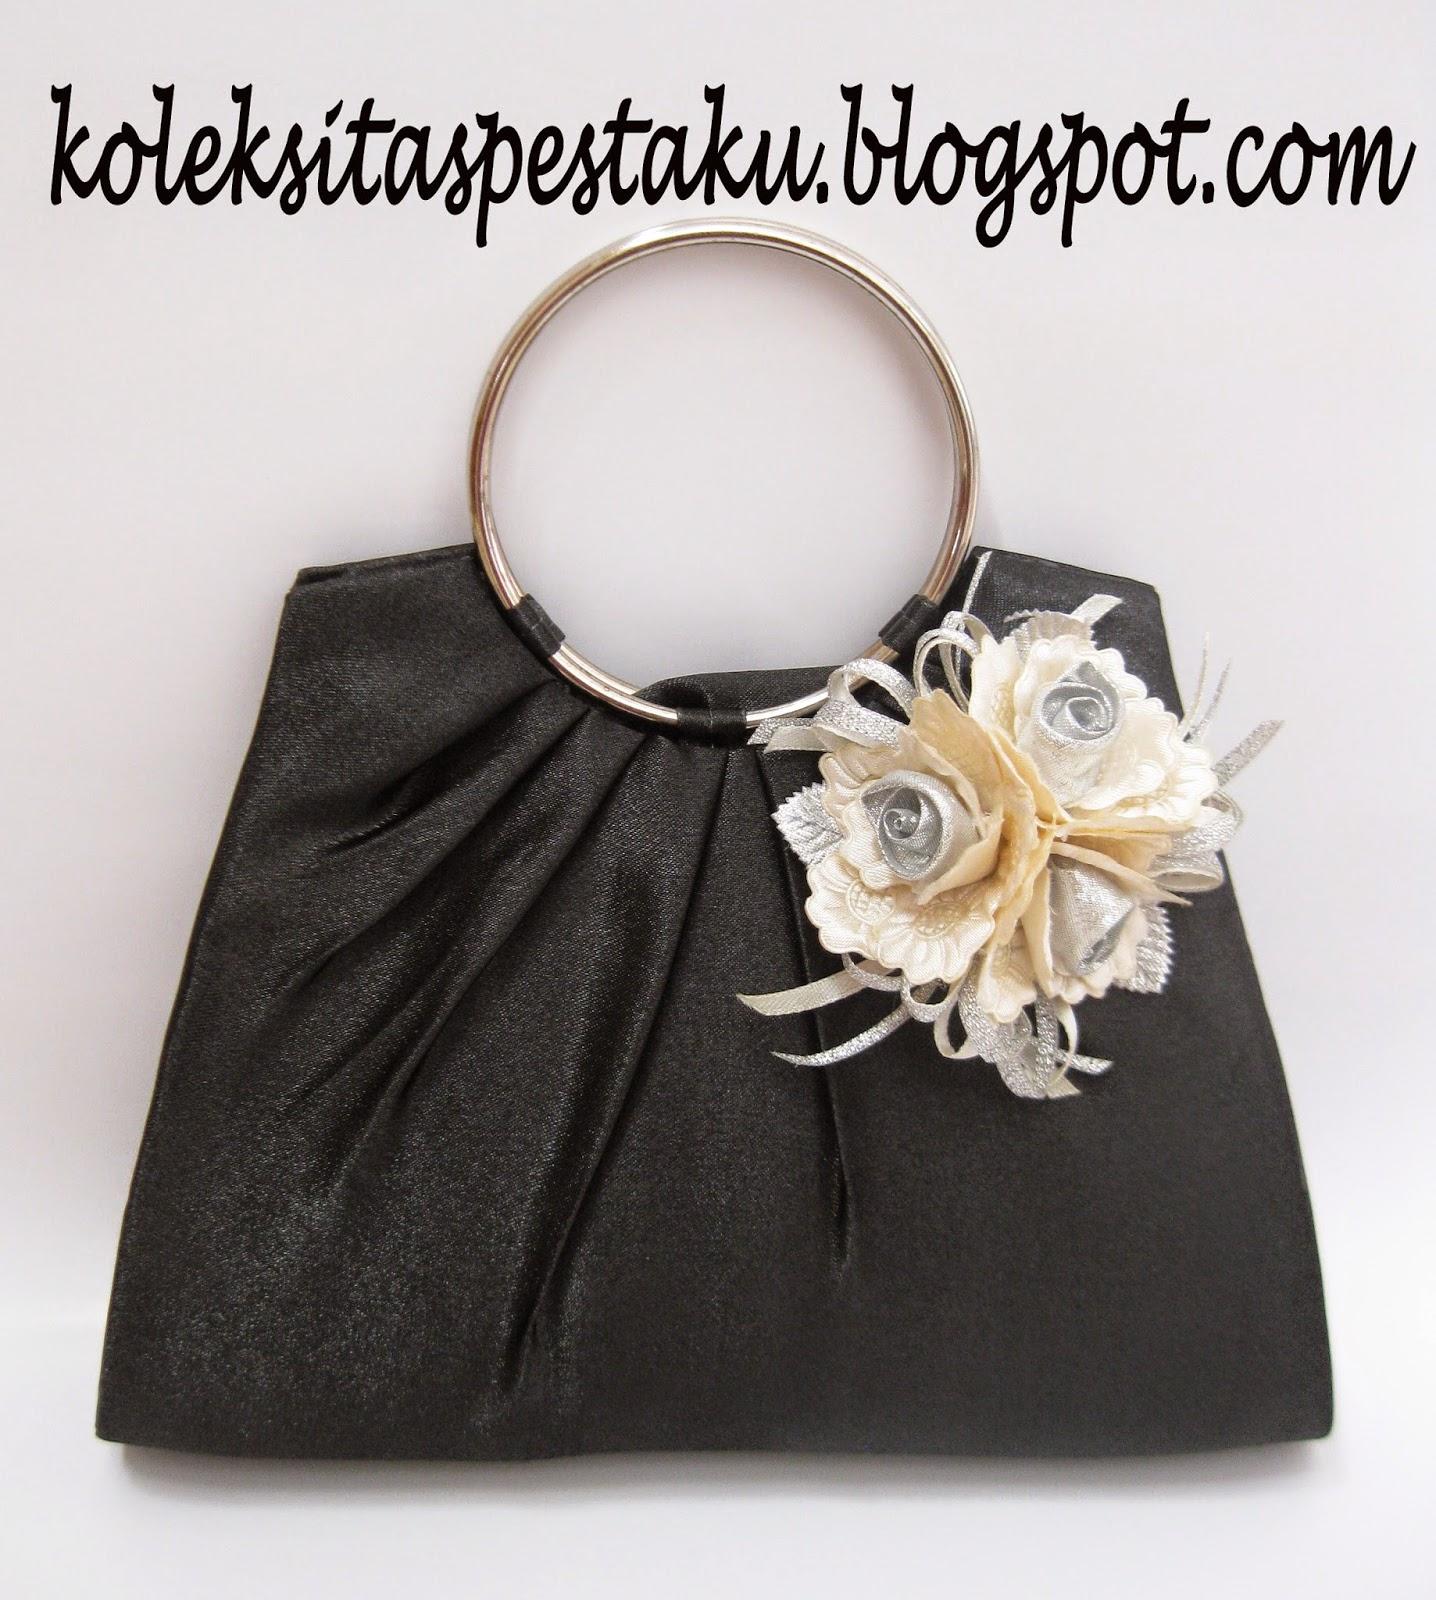 Jual Tas Pesta Clutch Bag Mewah Harga Murah Online Shop Tas Pesta Unik